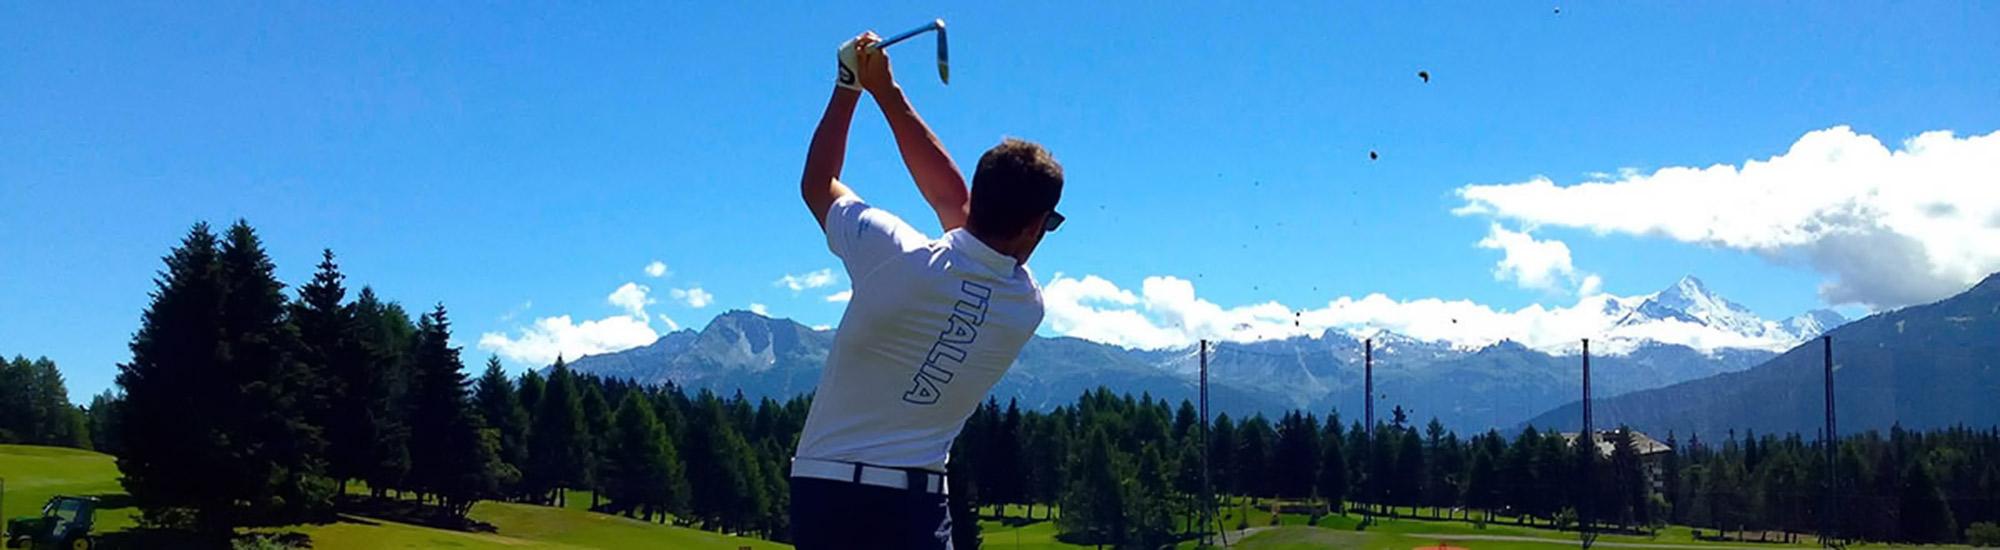 Swing: i segreti per un colpo perfetto - Golf Point